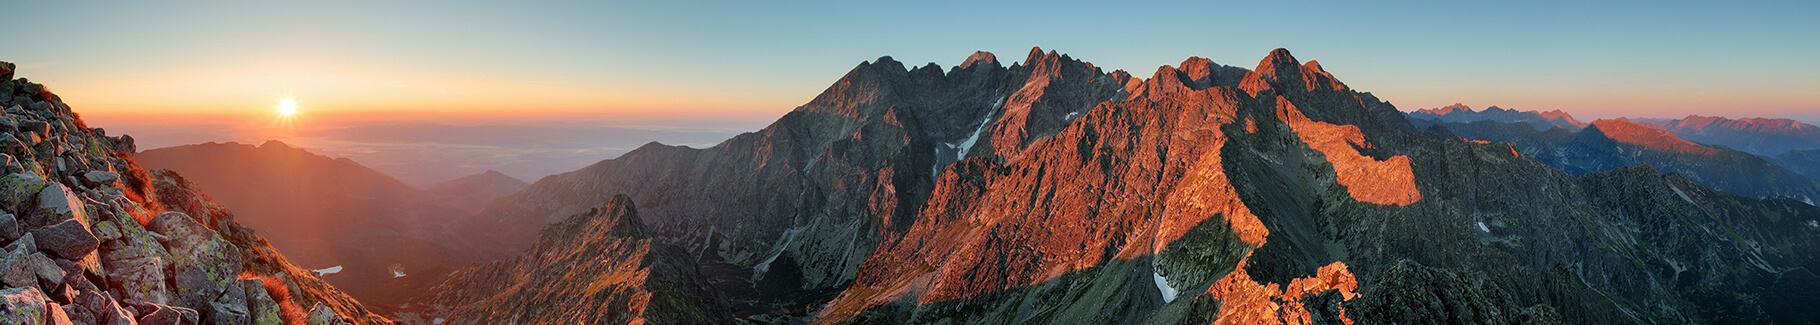 Plakat góry o zachodzie słońca